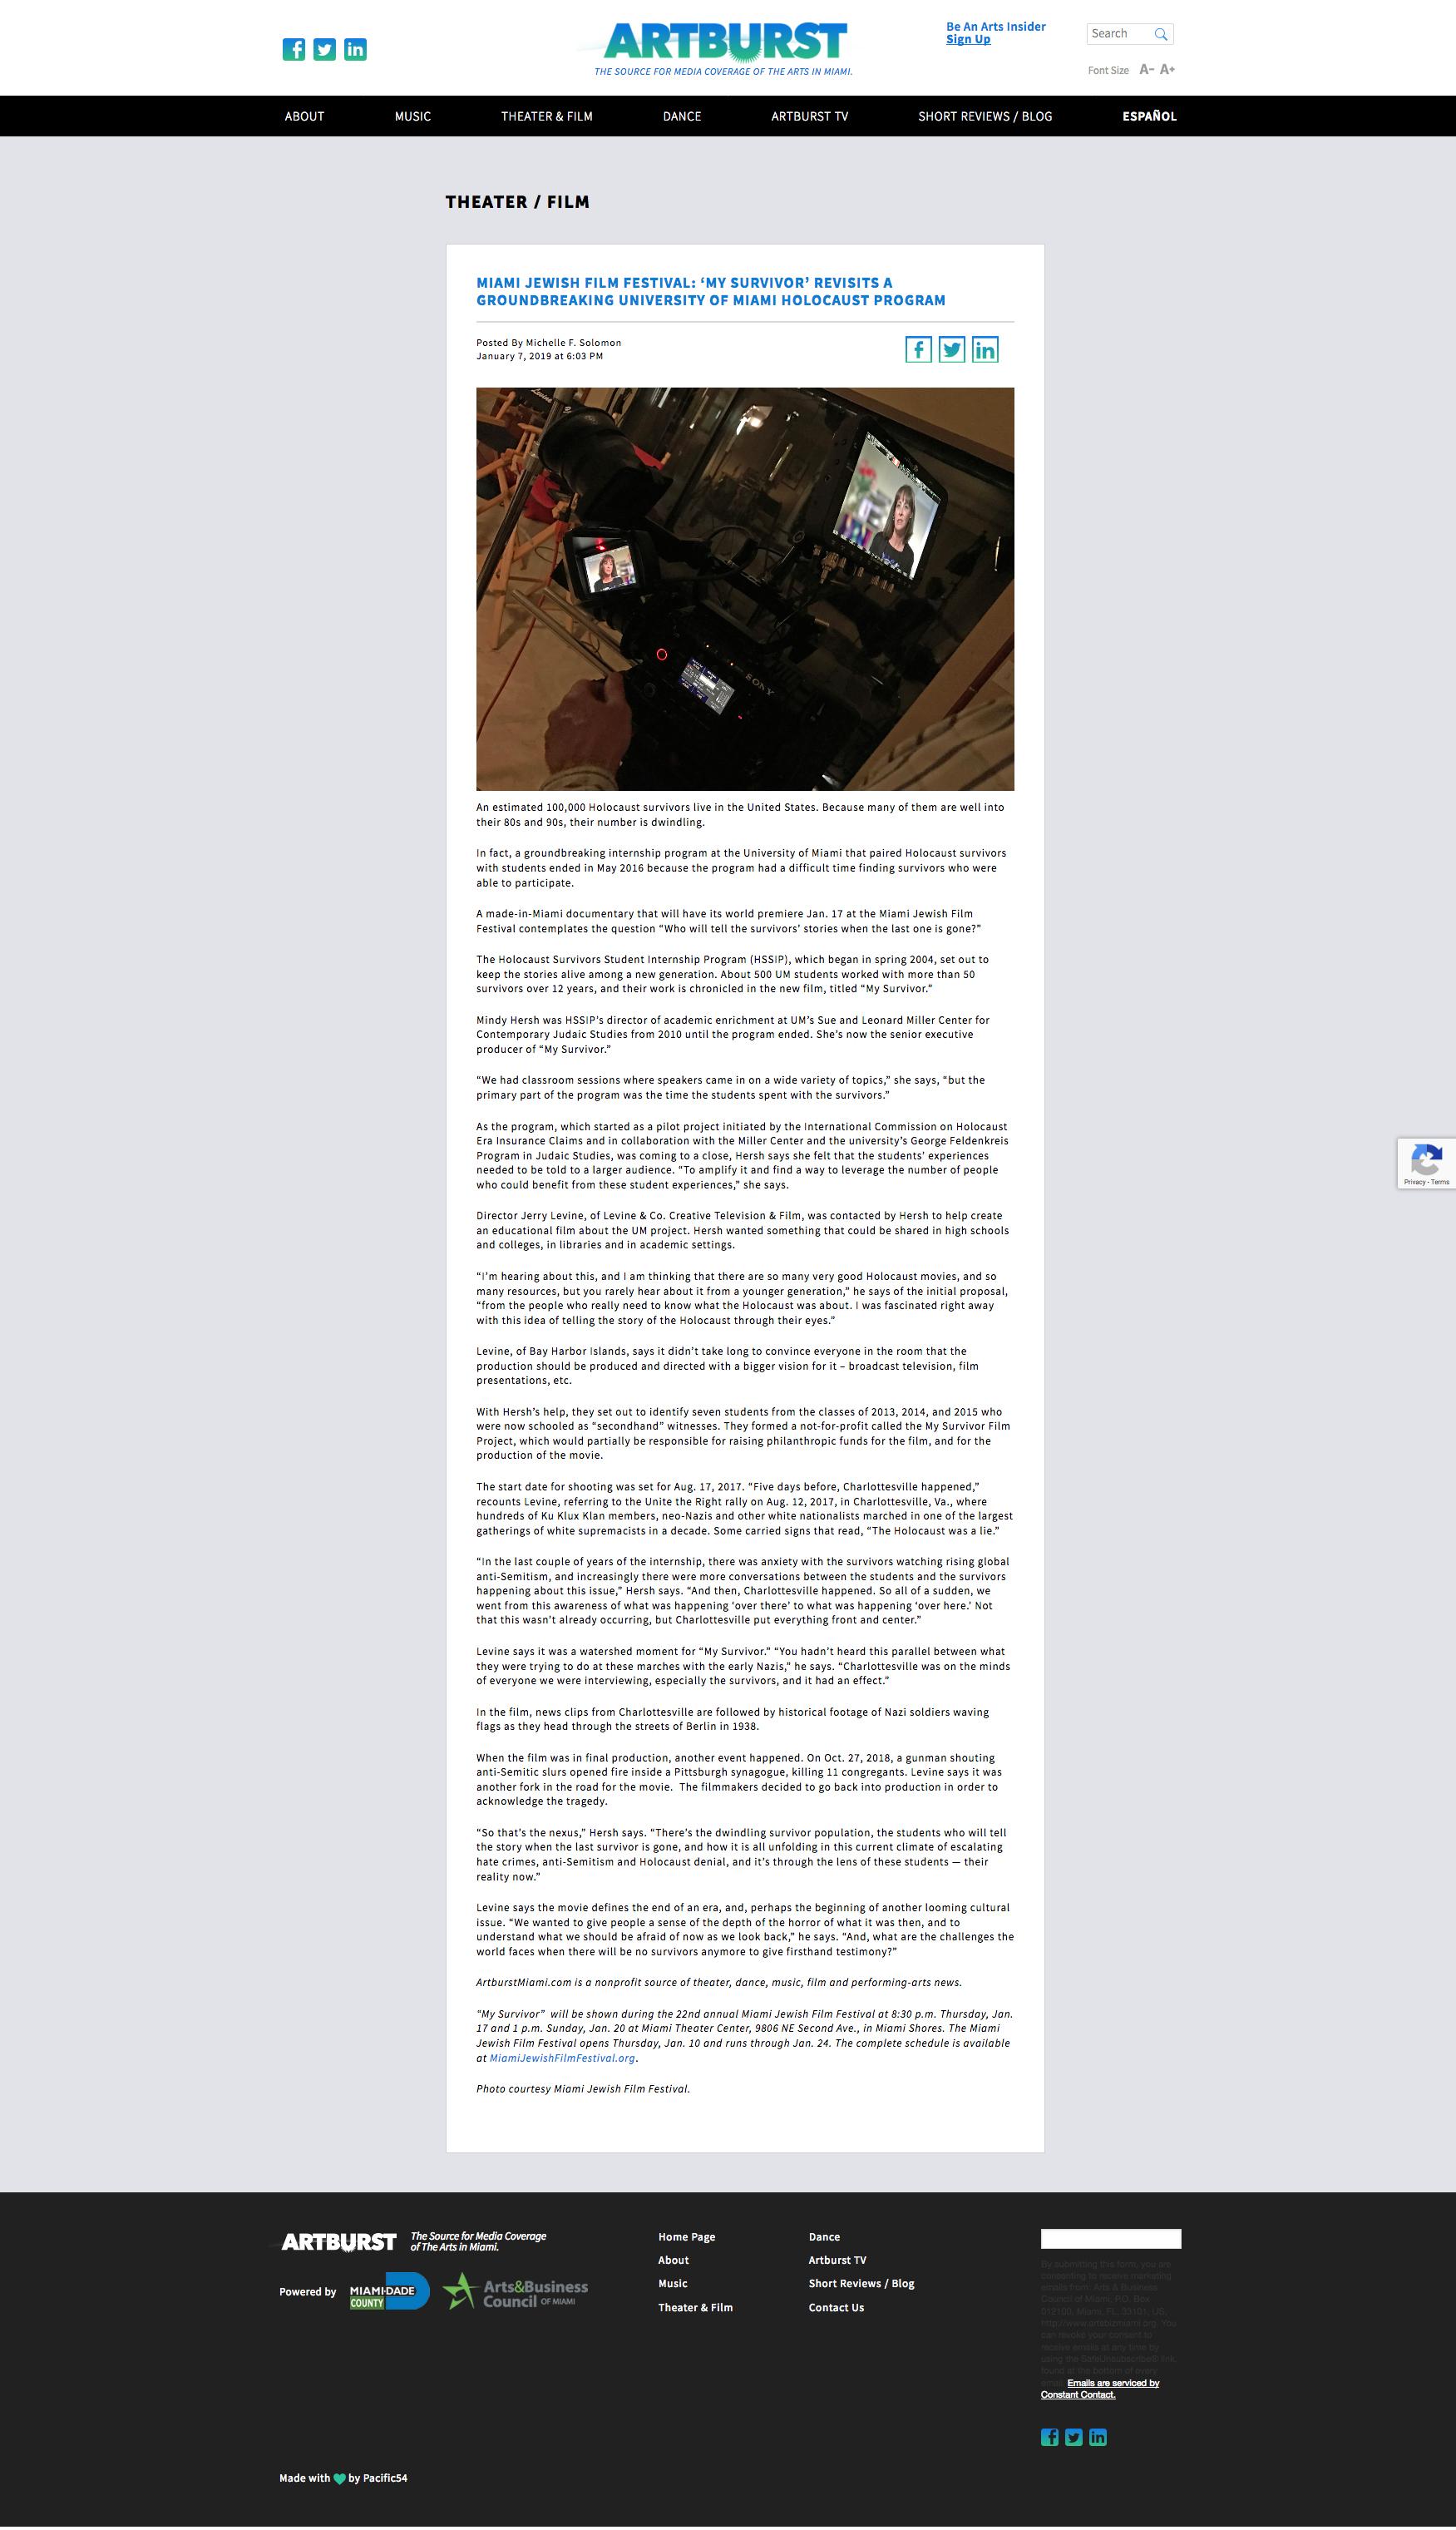 screenshot-www.artburstmiami.com-2019-02-17-14-34-20.jpg